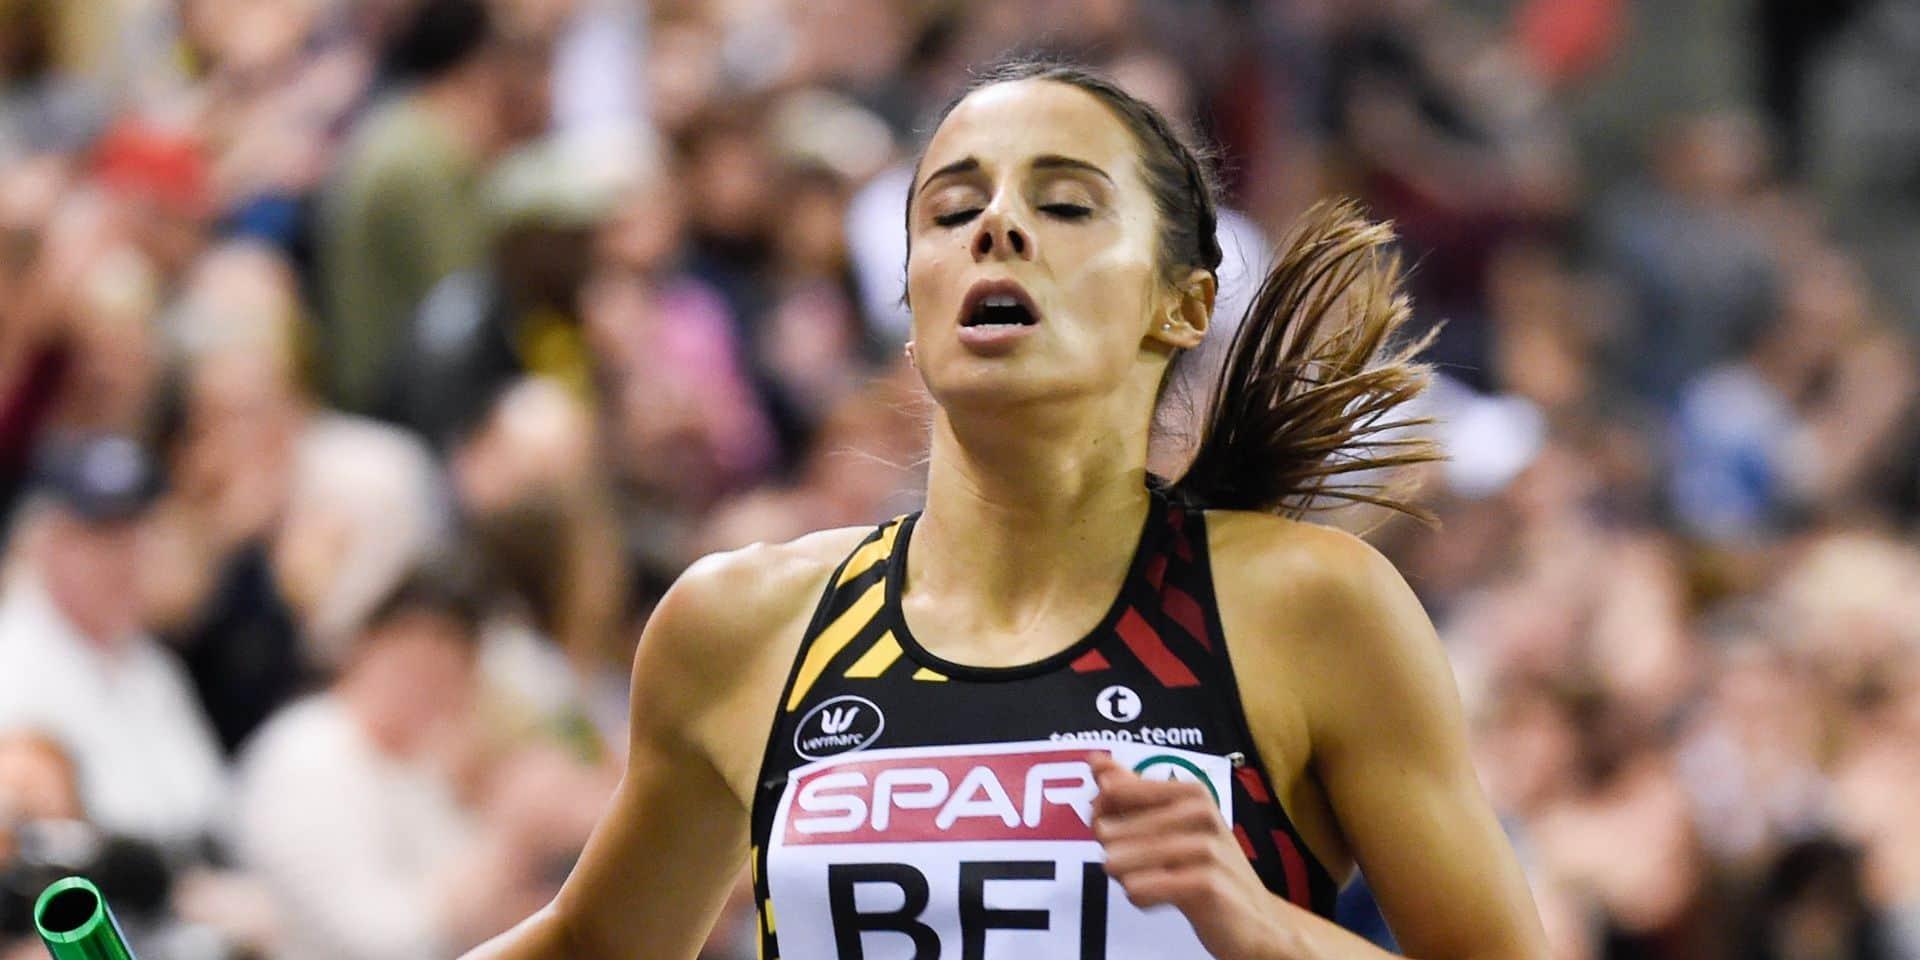 Les Belgian Cheetahs 4e de leur série du 4x400 m dames en 3:30.69